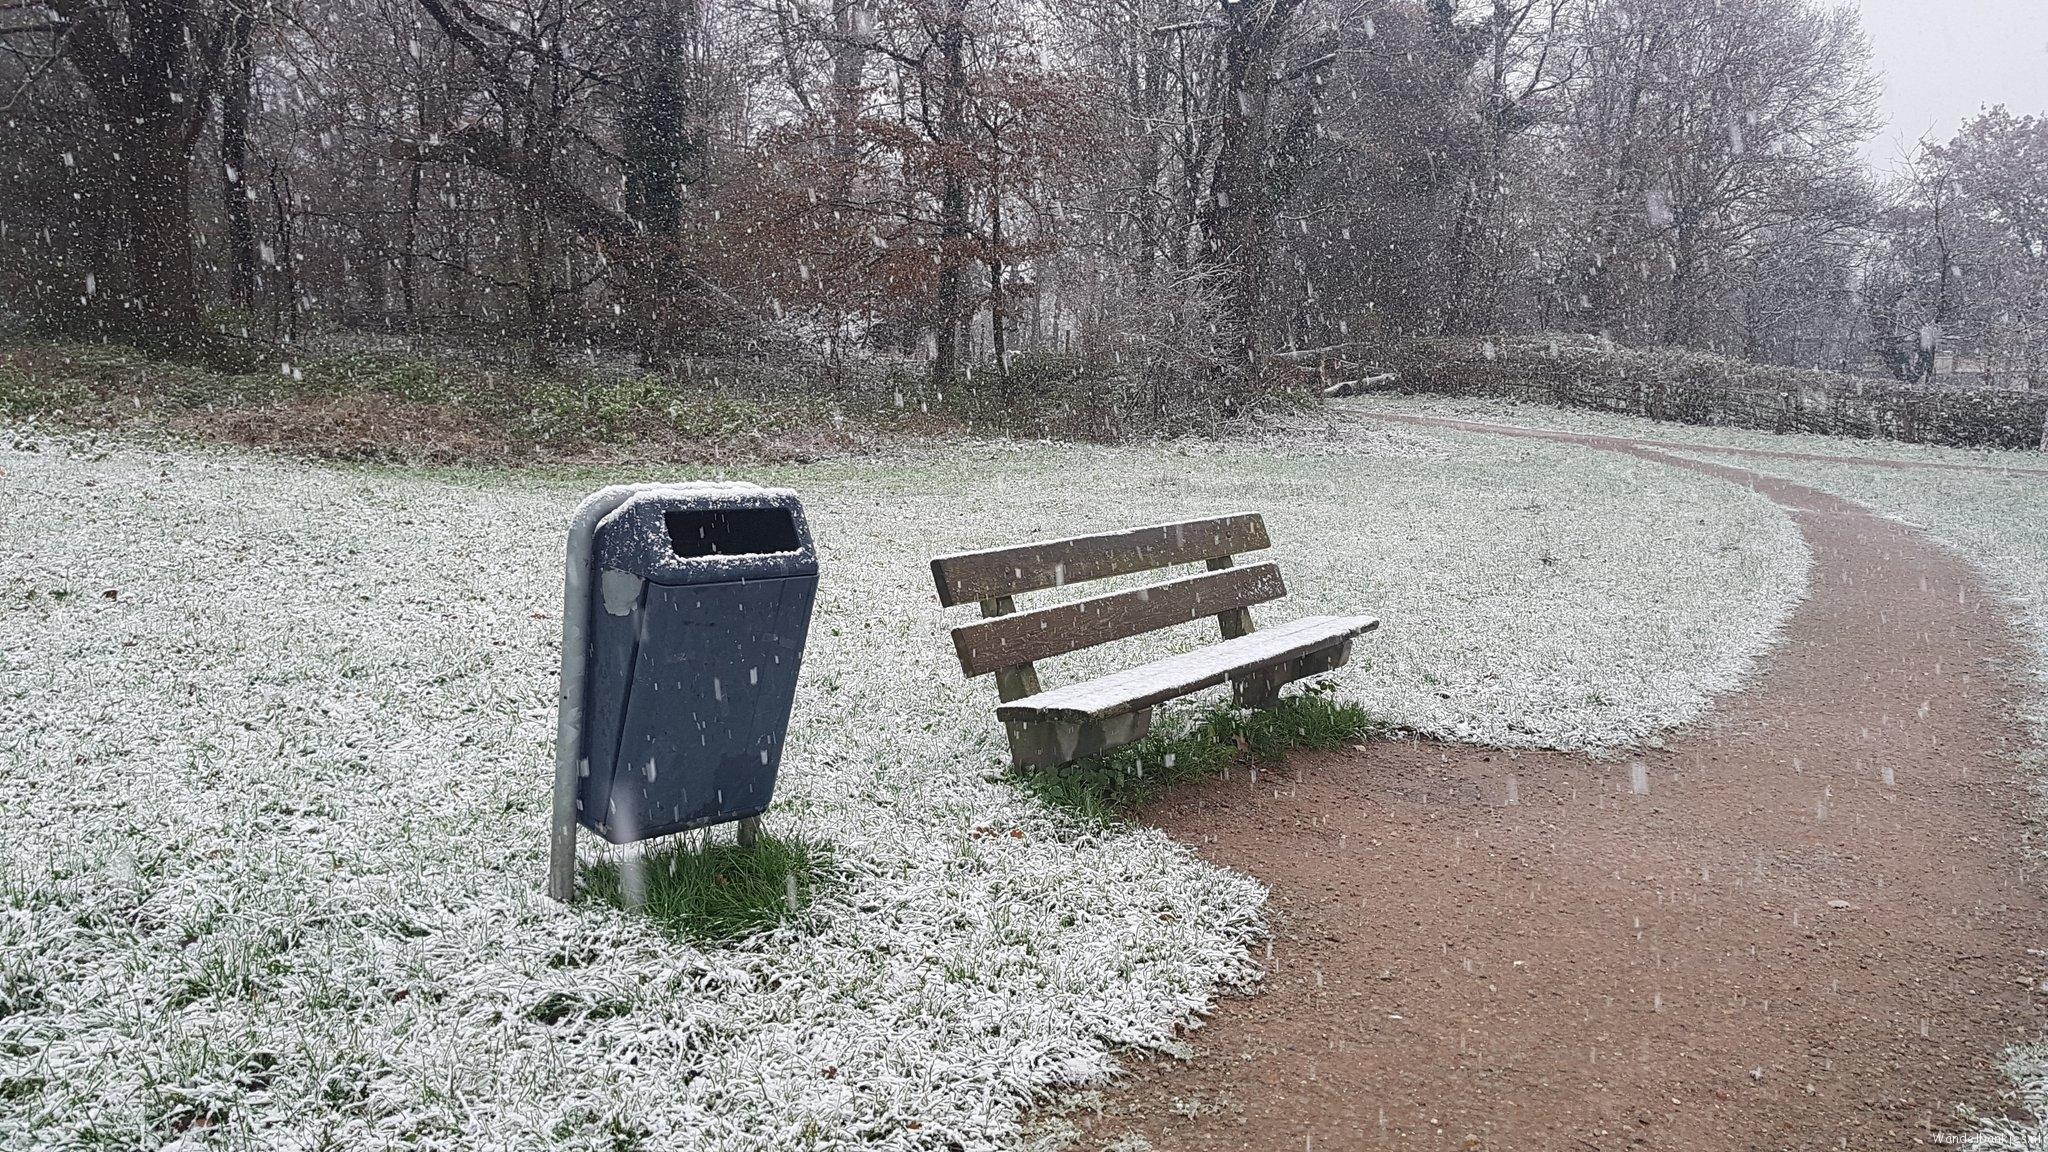 rt-sthart80-wandelbankjes-in-de-sneeuw-bonanzapark-overstegen-doetinchem-https-t-co-kqyhxrdqju